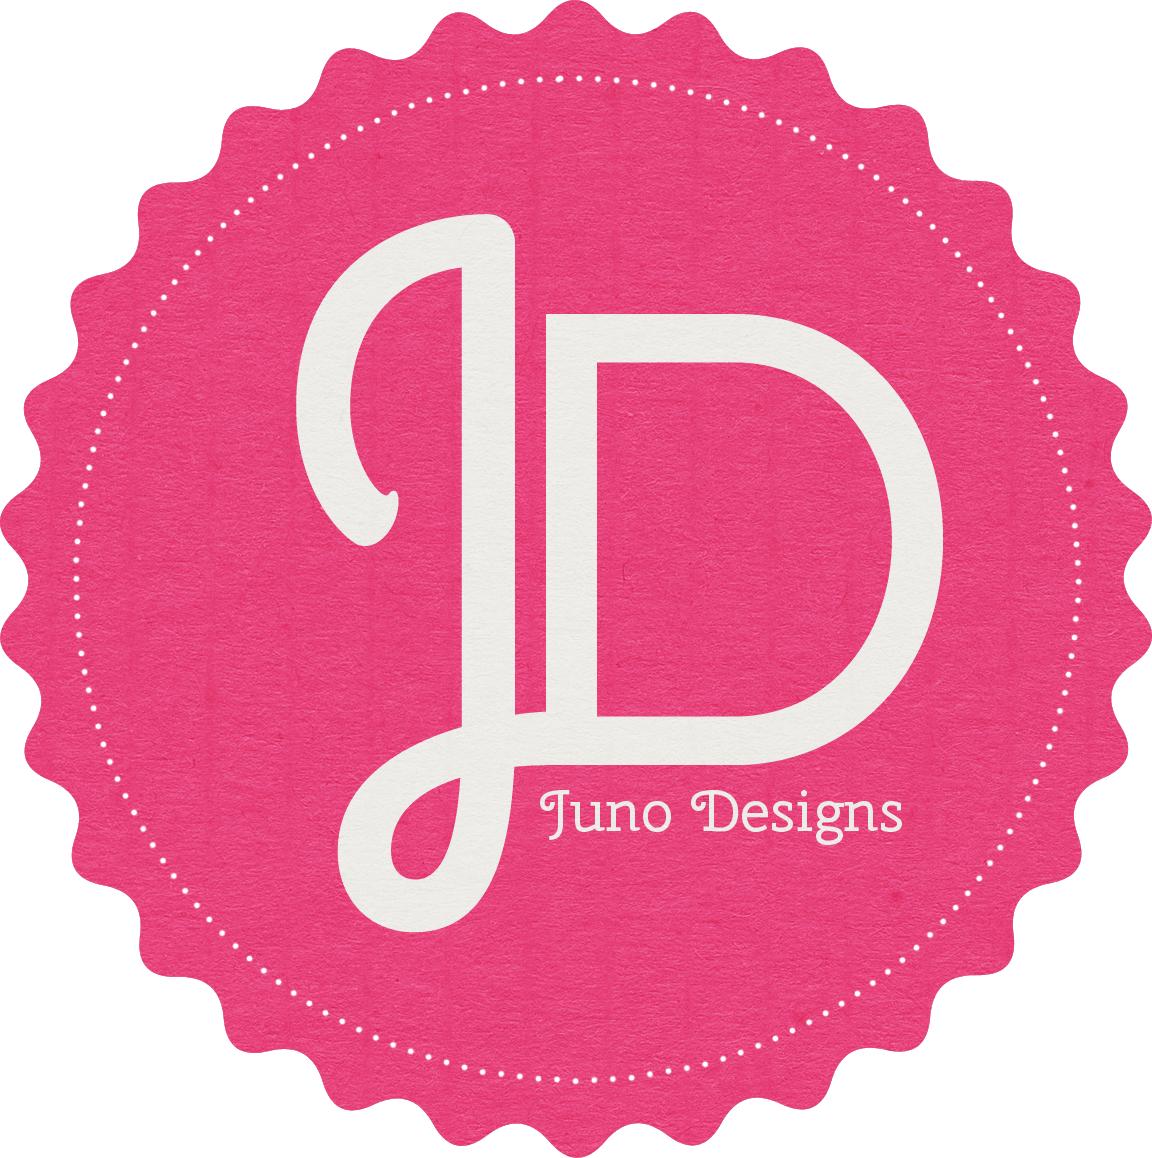 Juno Designs